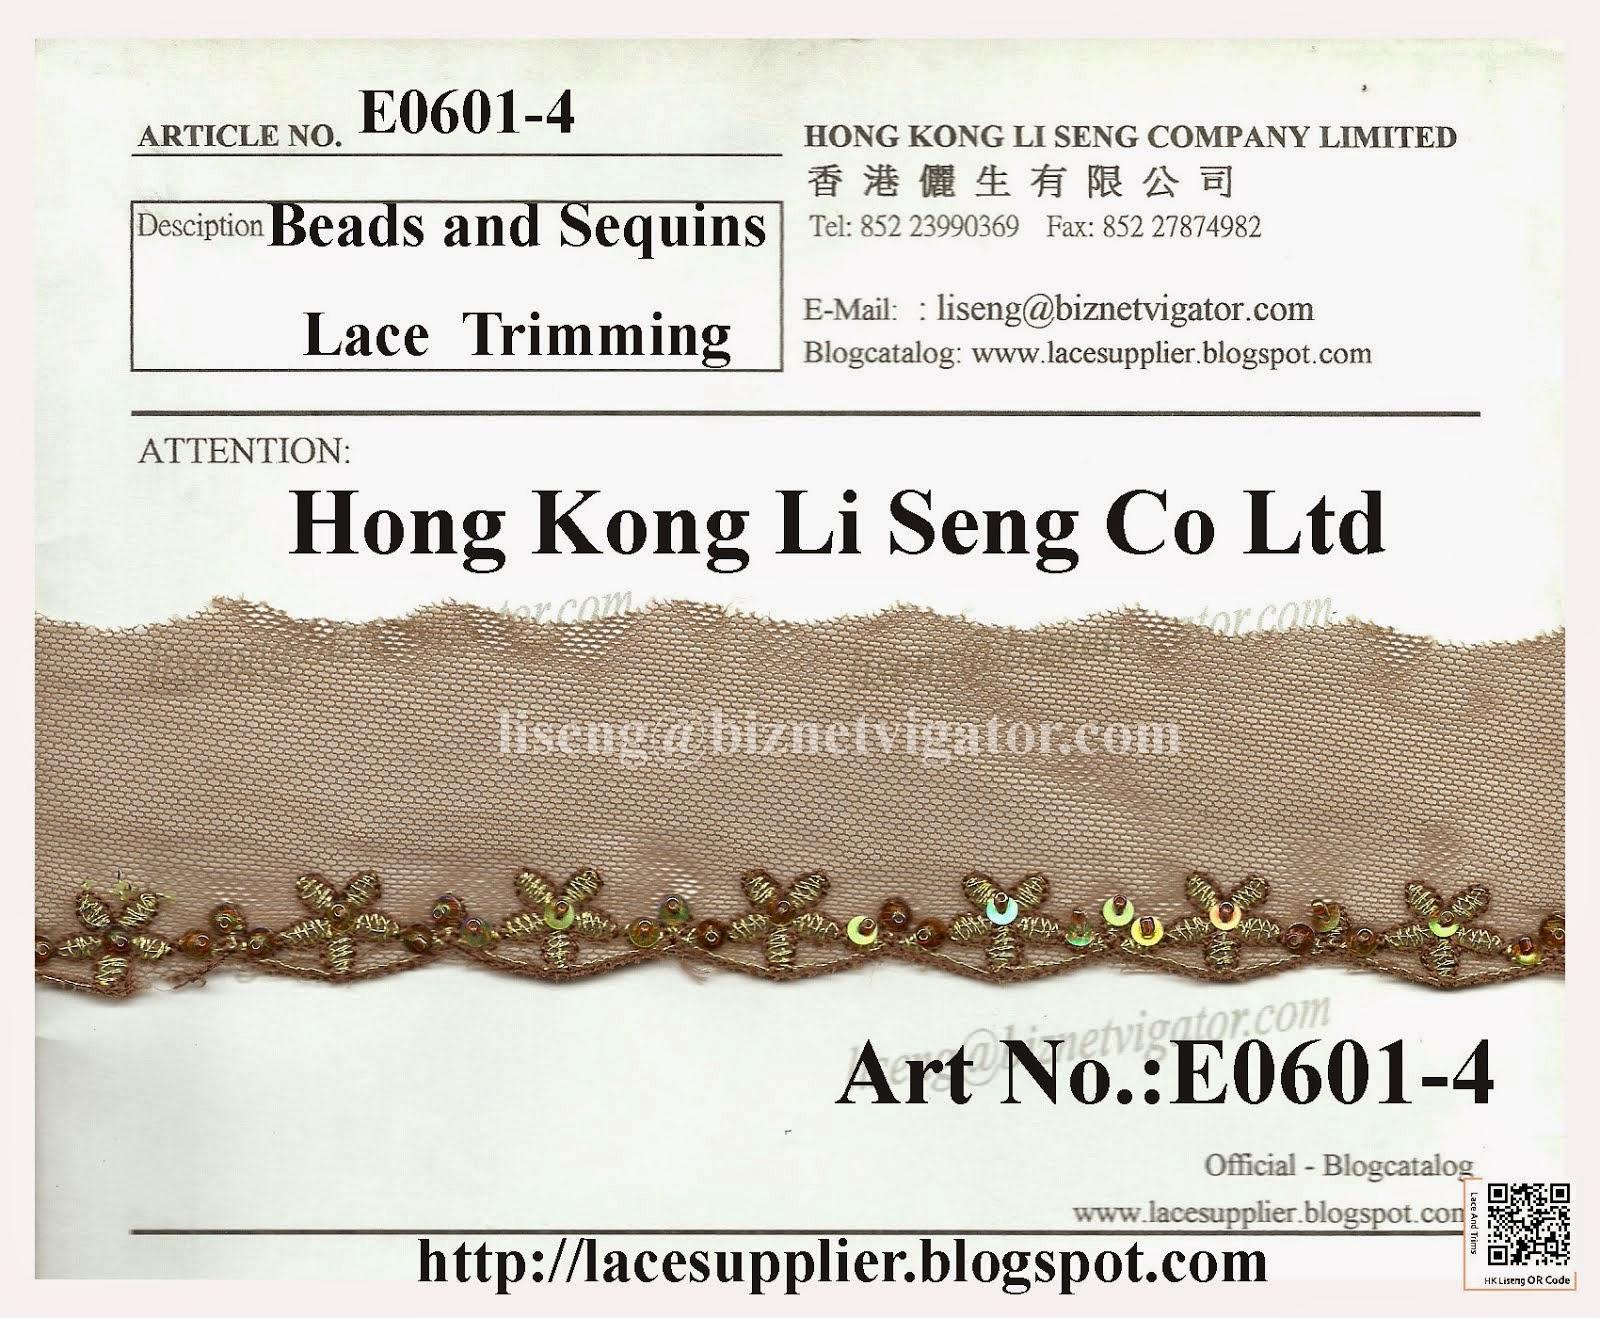 Beads and Sequins Lace Trims Supplier - Hong Kong Li Seng Co Ltd